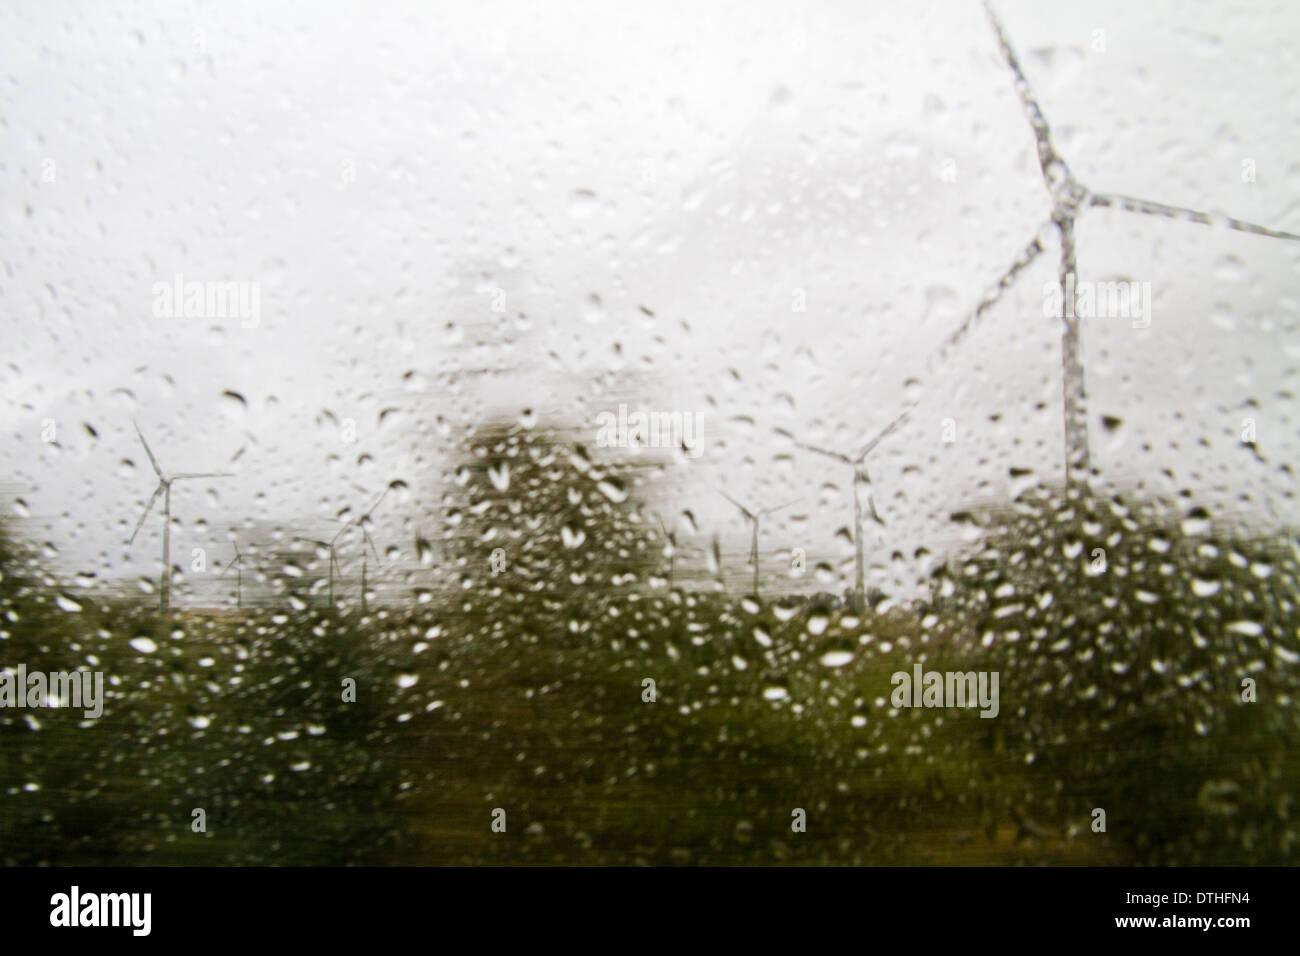 Tiempo de lluvia la energía renovable del viento nublado Imagen De Stock